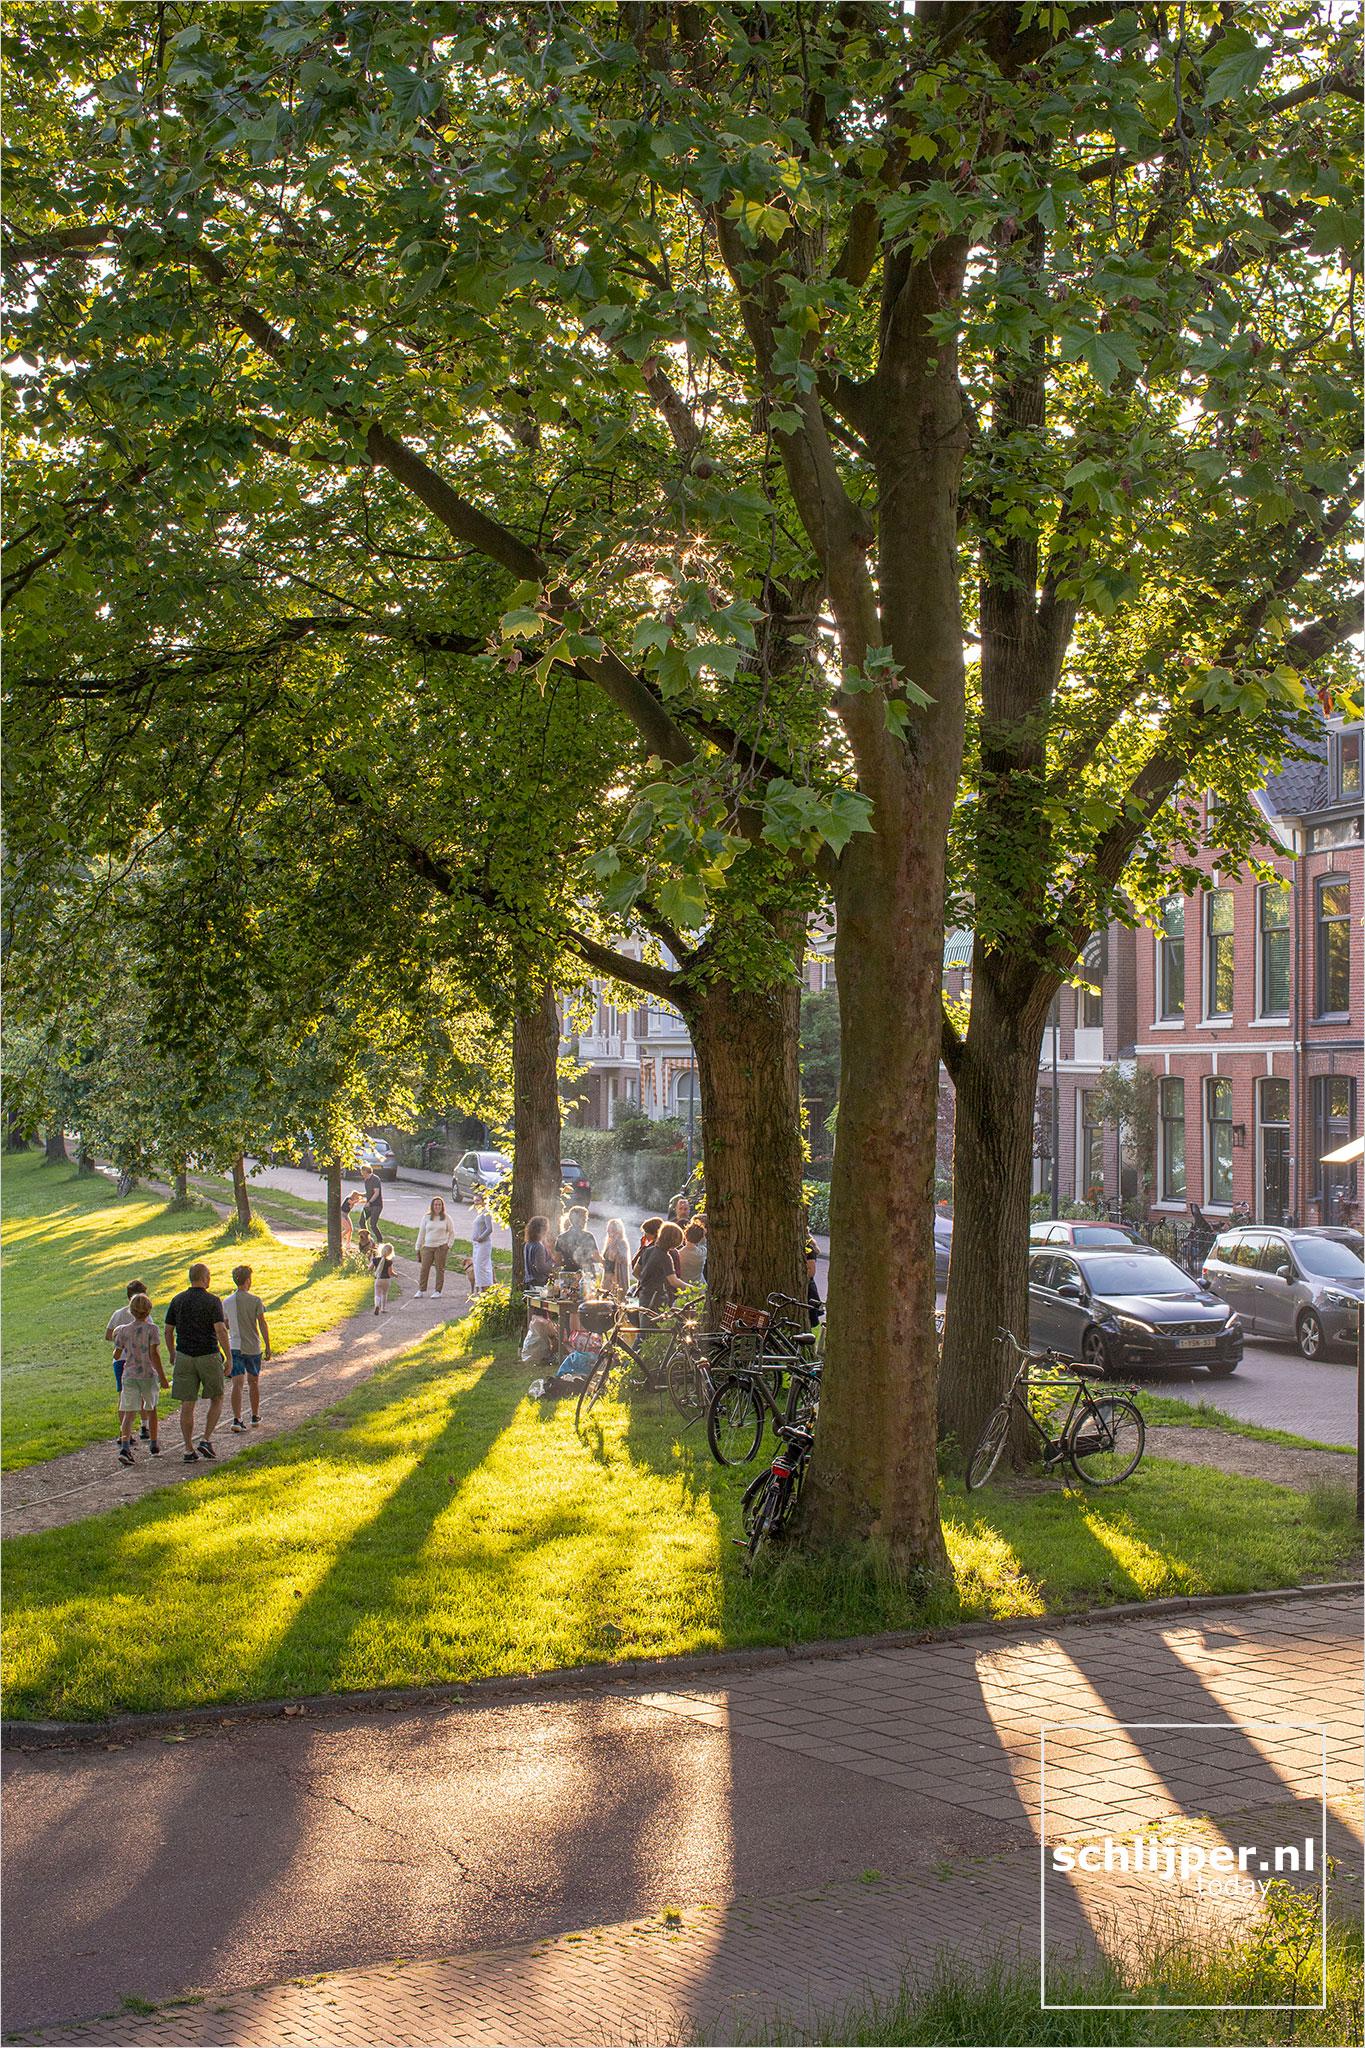 The Netherlands, Haarlem, 2 juli 2021